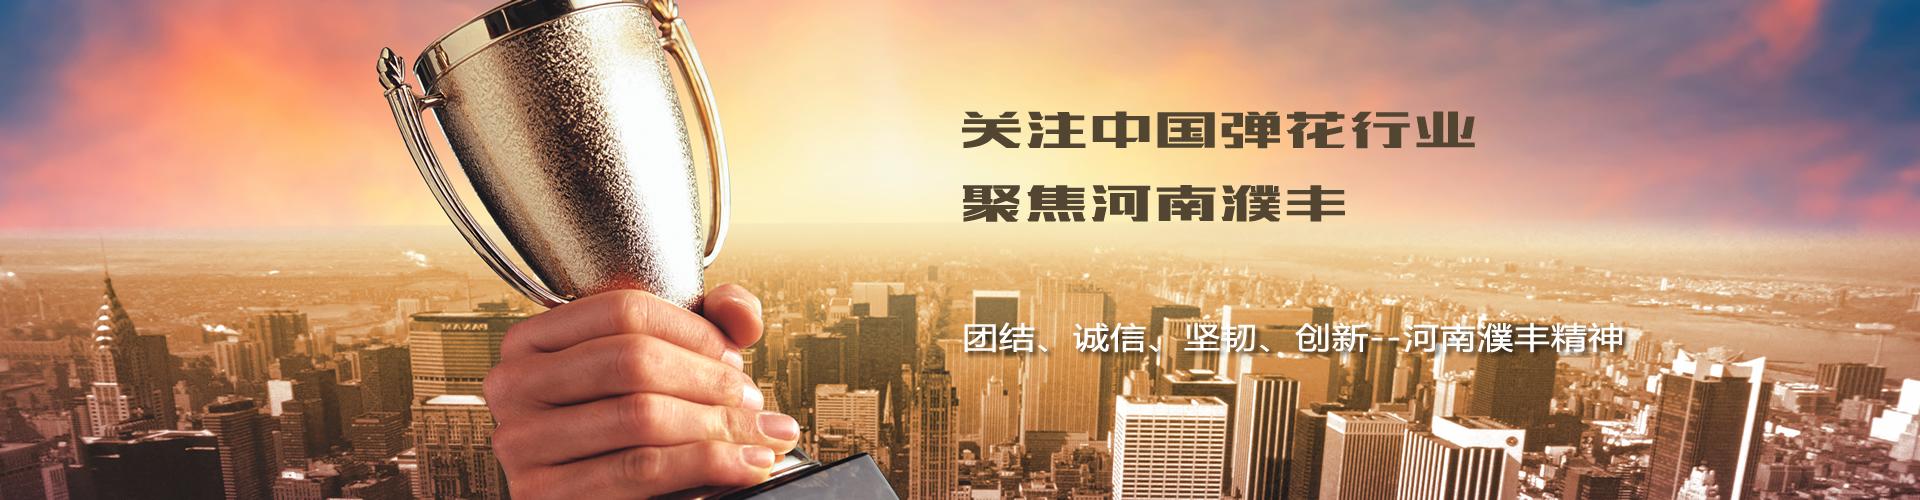 河南新热博官网app棉机科技有限公司